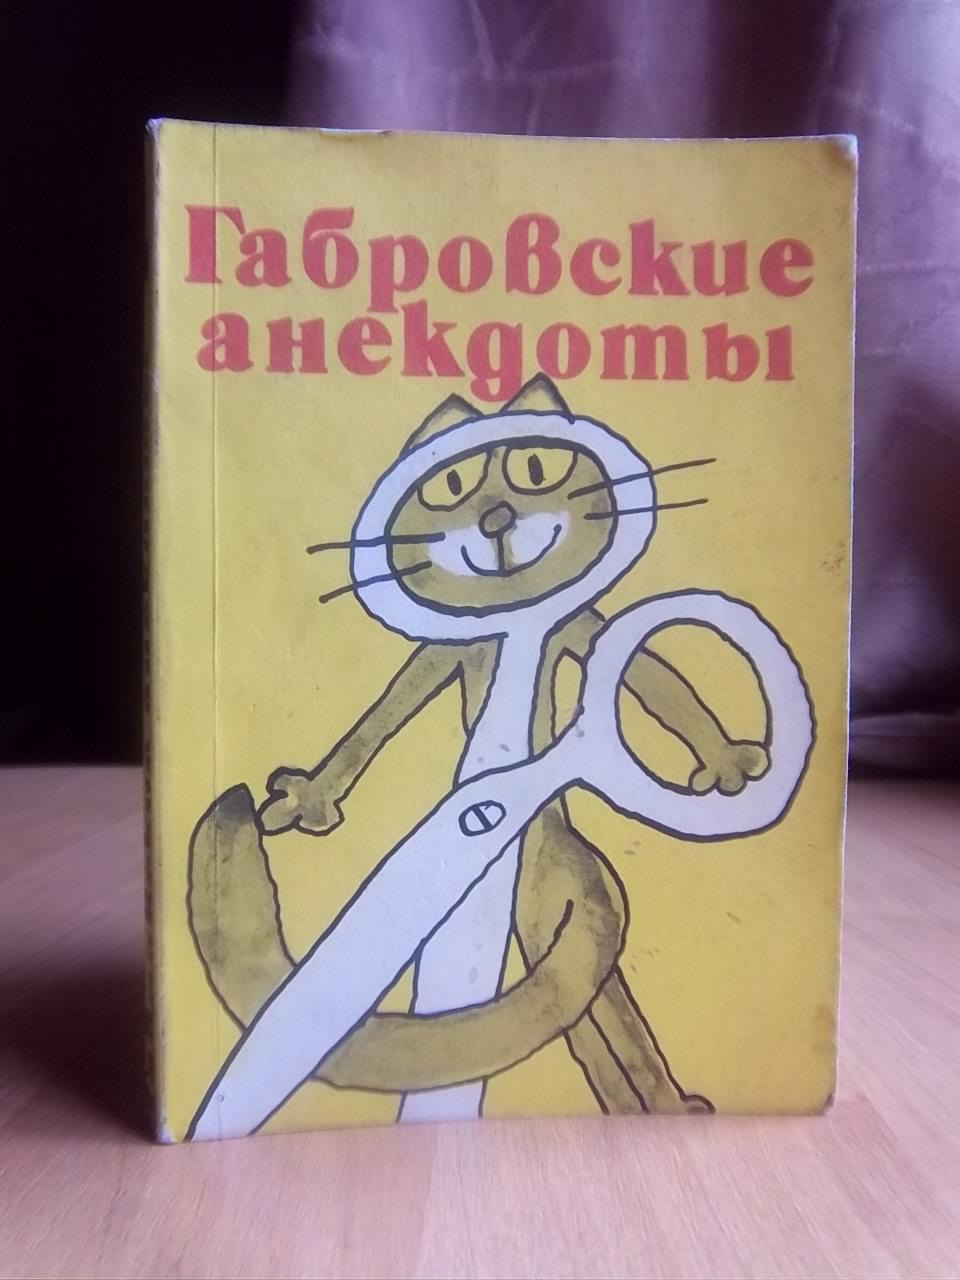 Габровские анекдоты